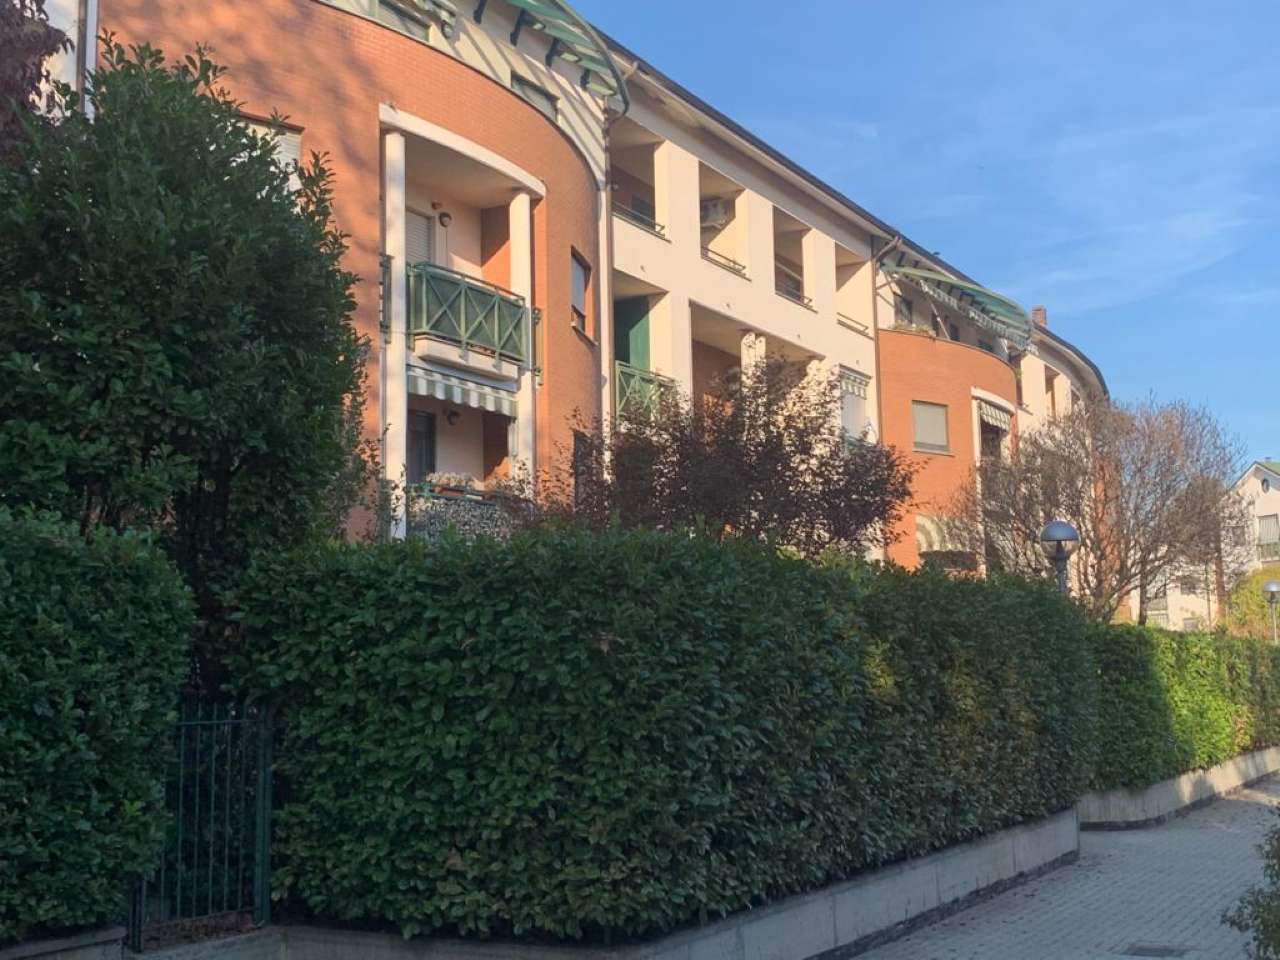 Appartamento in vendita a Borgaro Torinese, 3 locali, prezzo € 148.000 | PortaleAgenzieImmobiliari.it